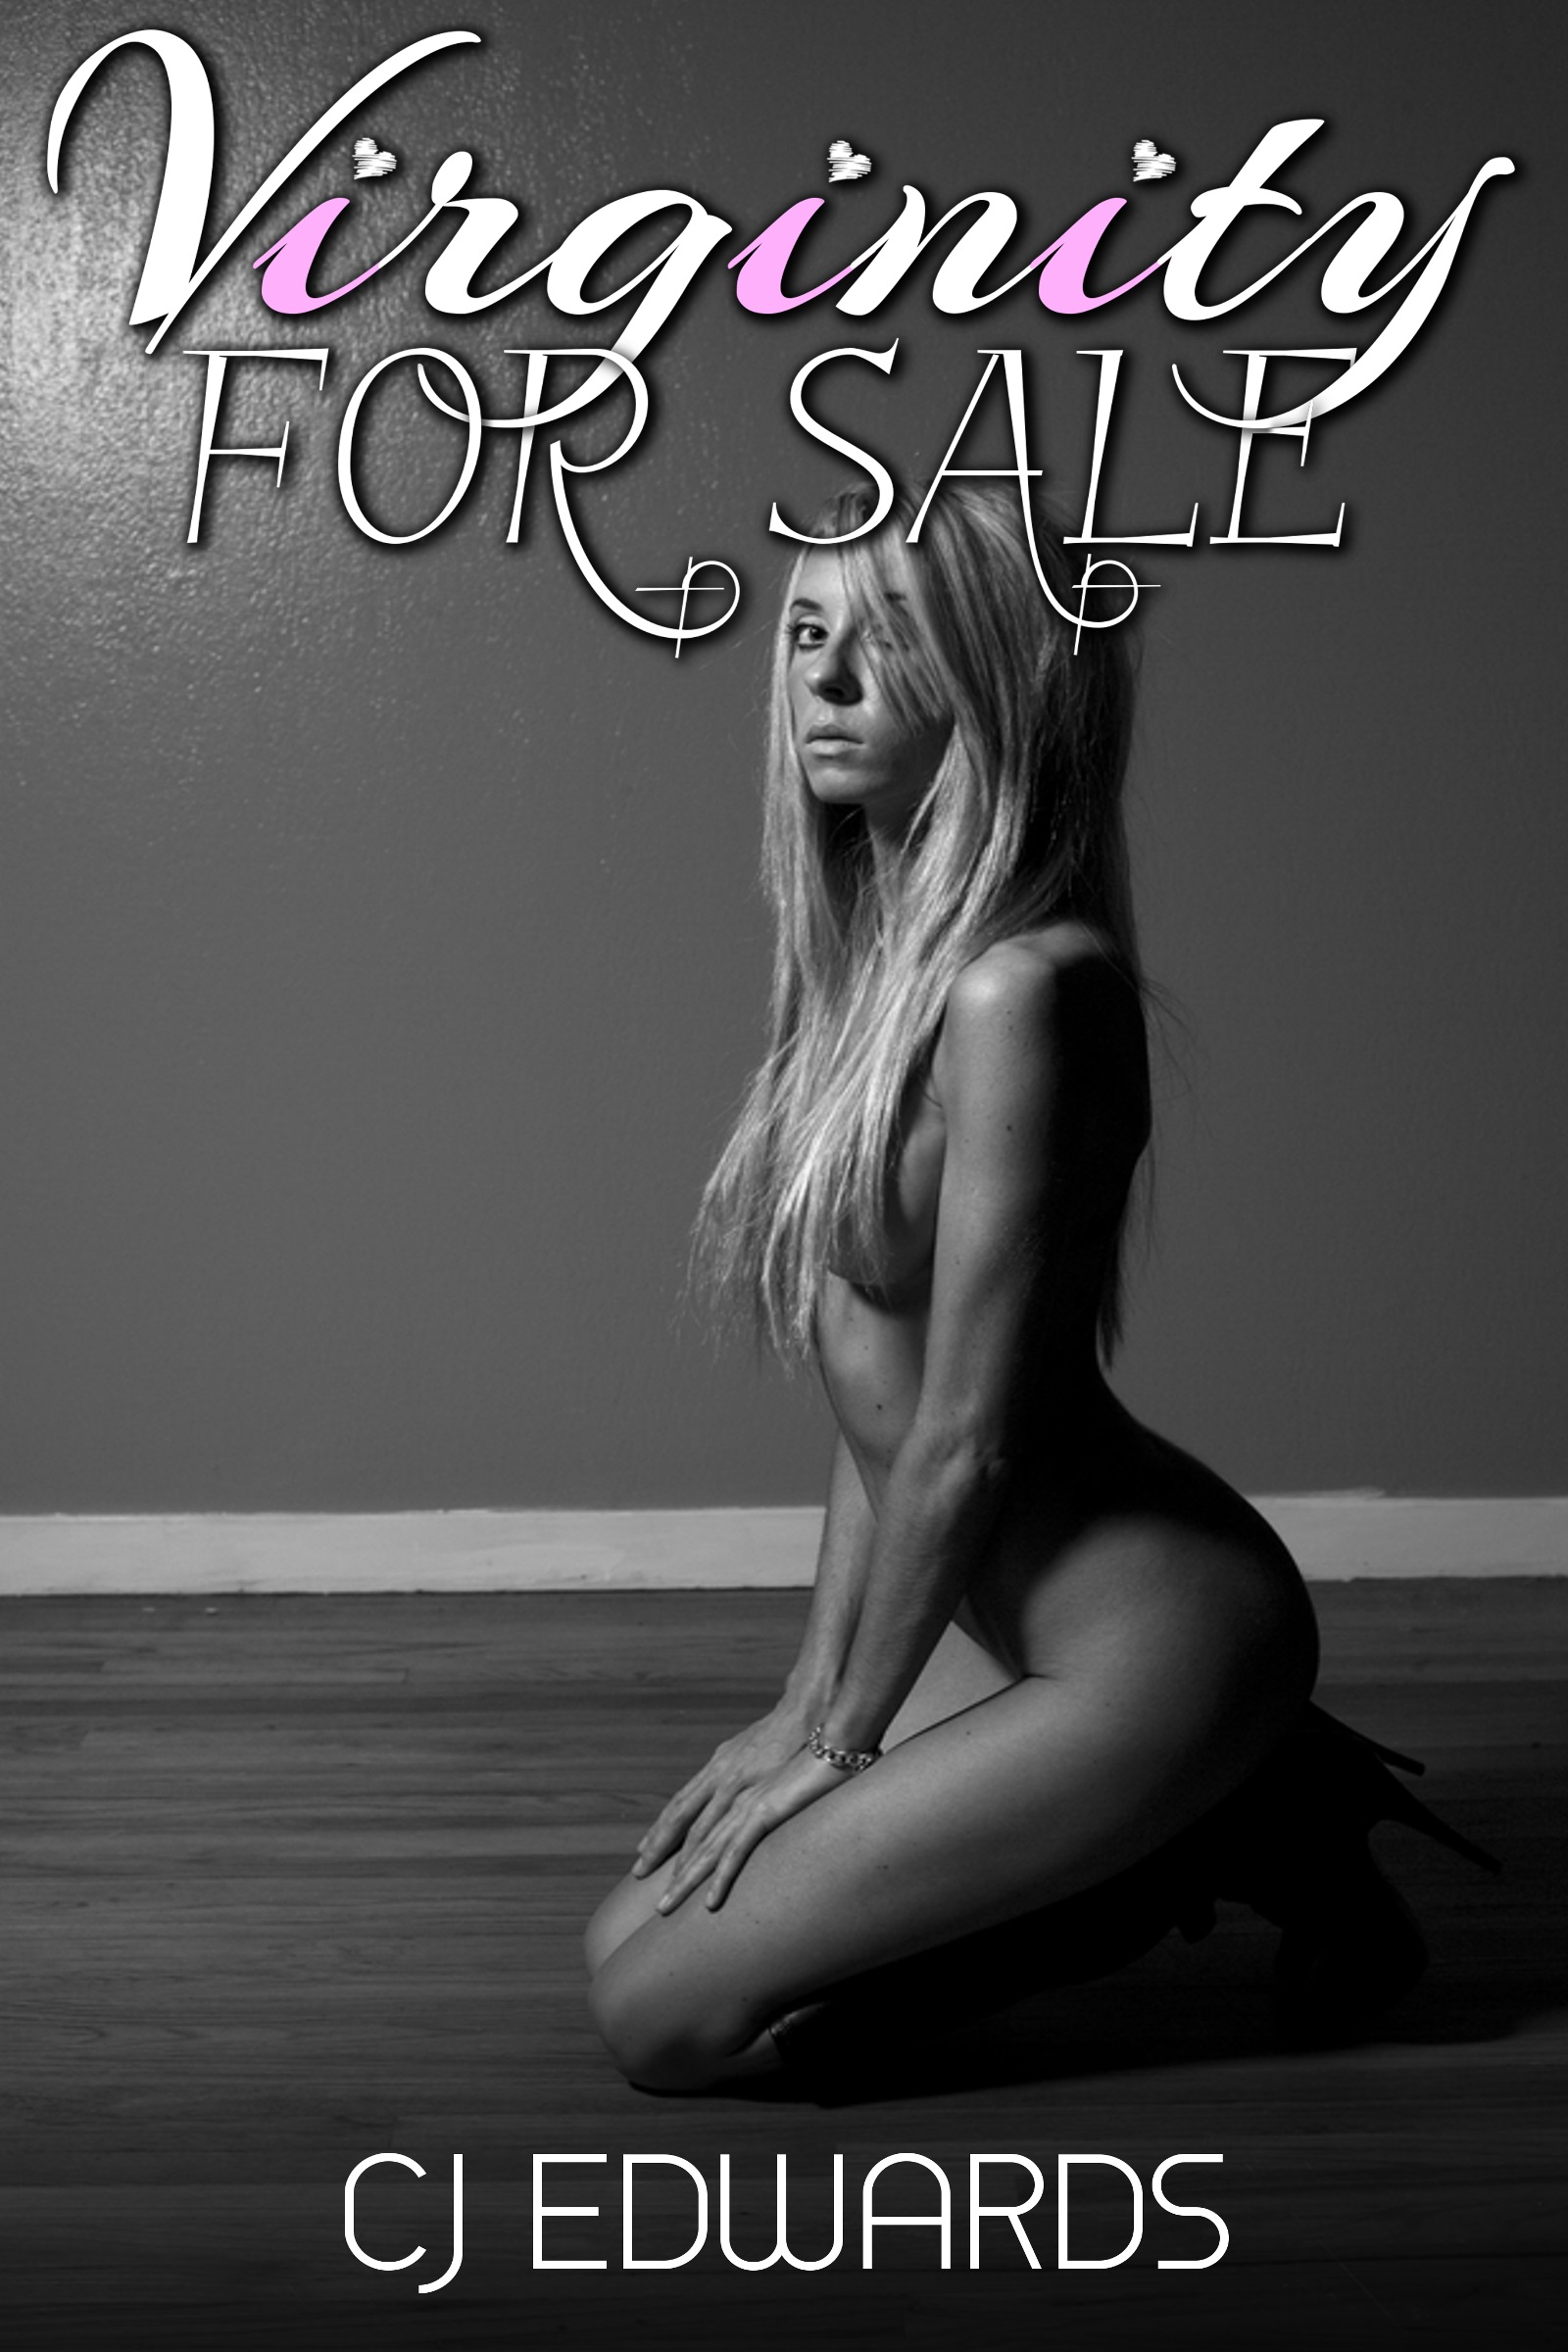 Volks virginity for sale homepage afri boys